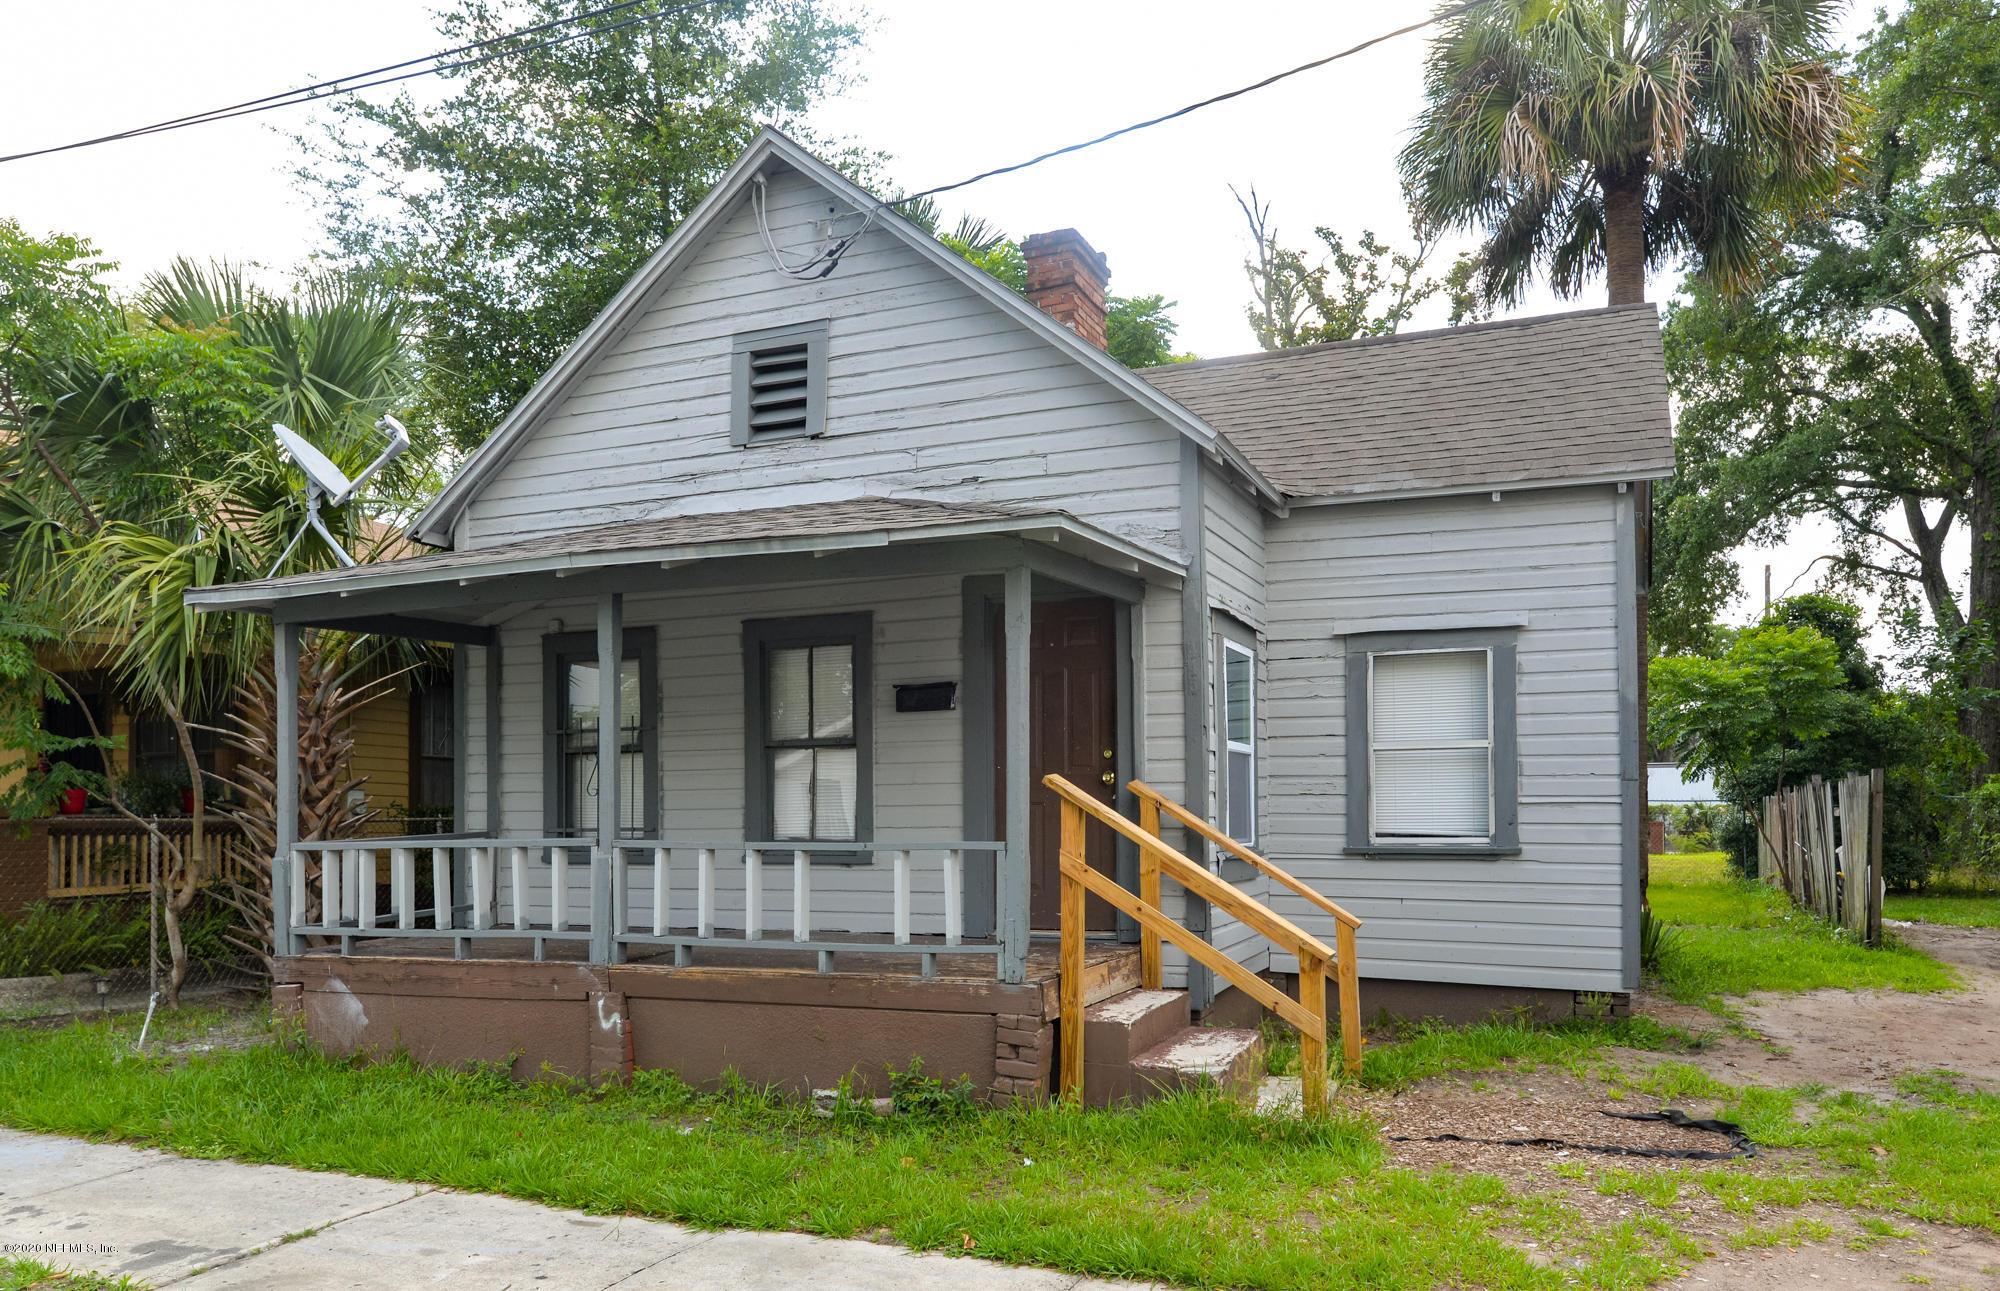 445 BELFORT, JACKSONVILLE, FLORIDA 32204, 2 Bedrooms Bedrooms, ,1 BathroomBathrooms,Investment / MultiFamily,For sale,BELFORT,1057528